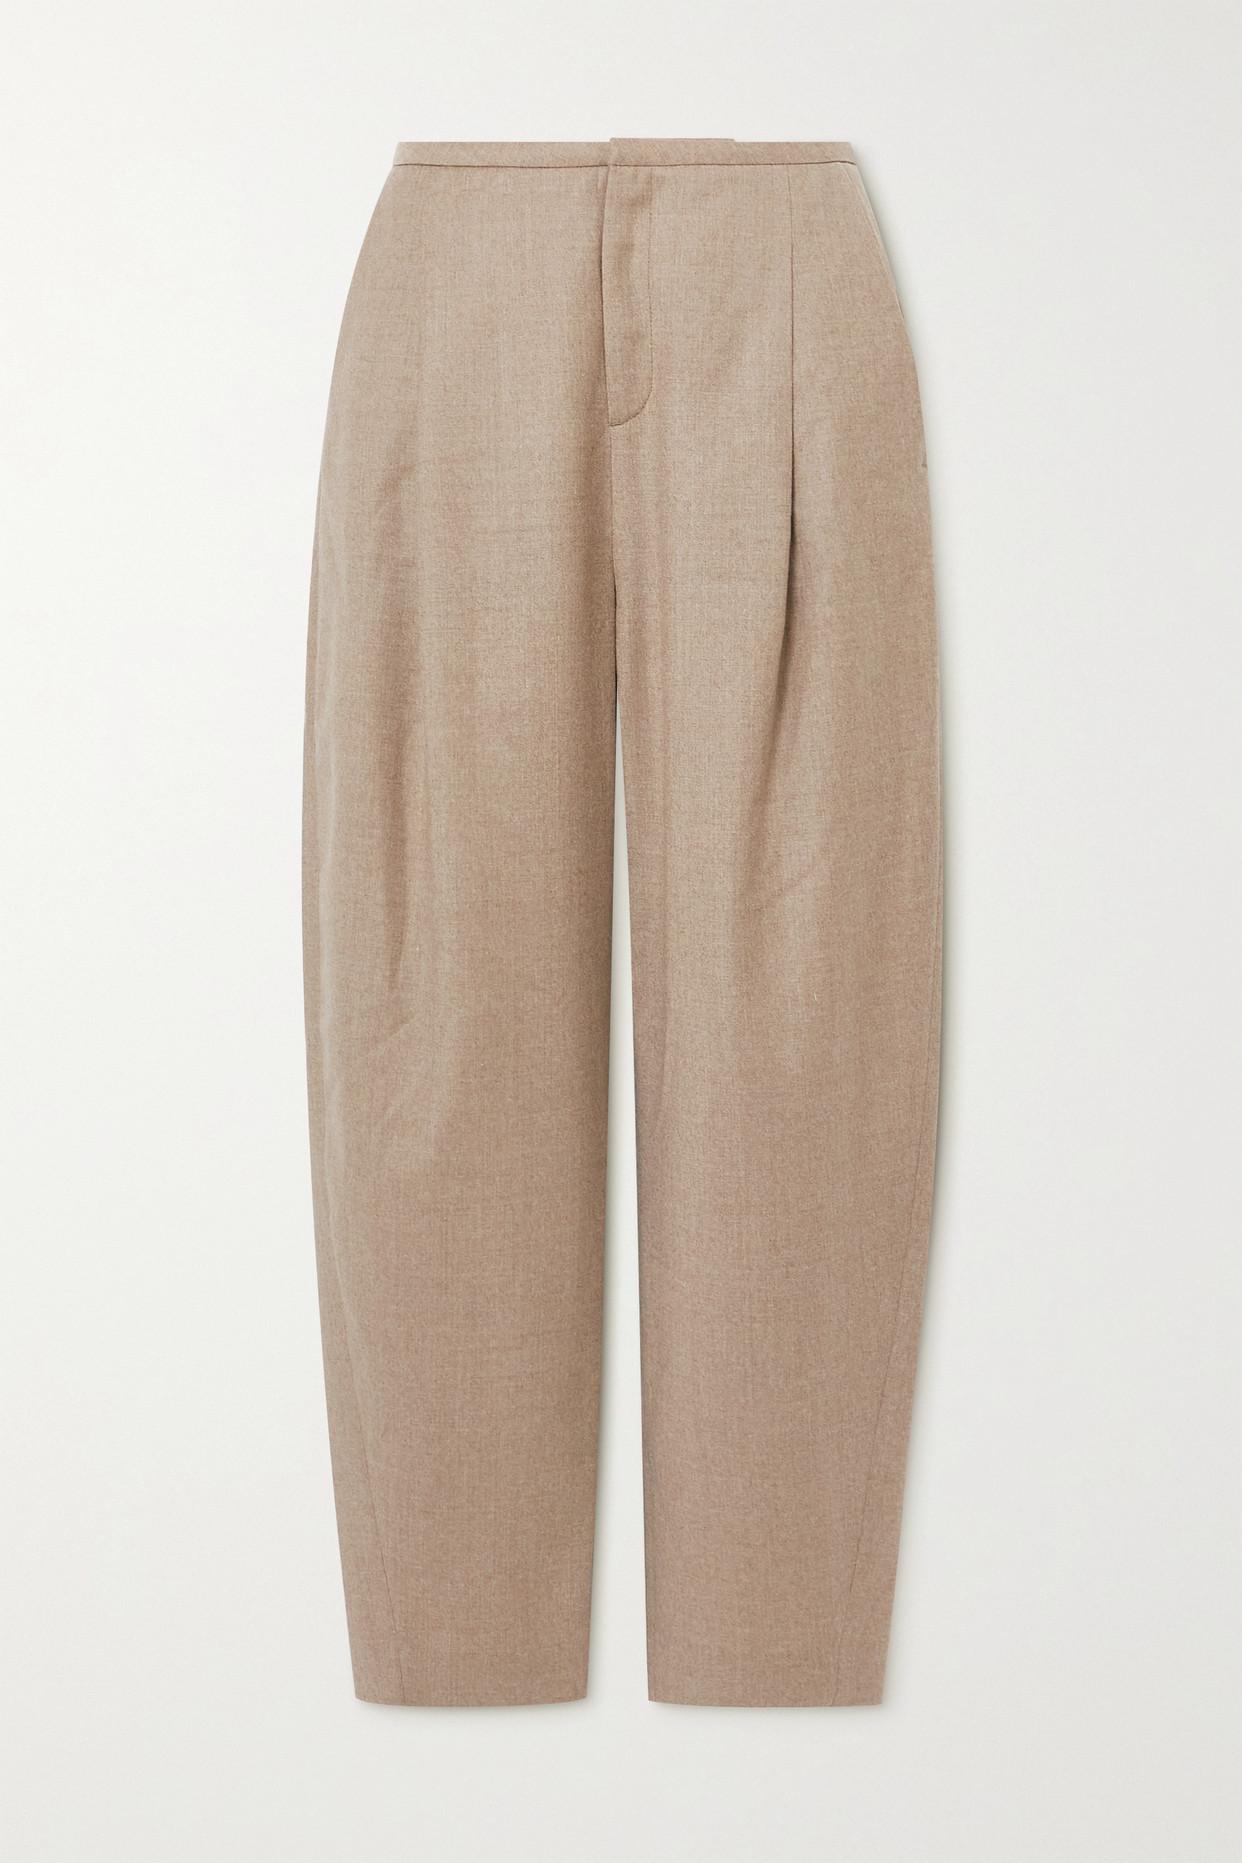 TOTÊME - 羊毛混纺法兰绒直筒裤 - 中性色 - FR34